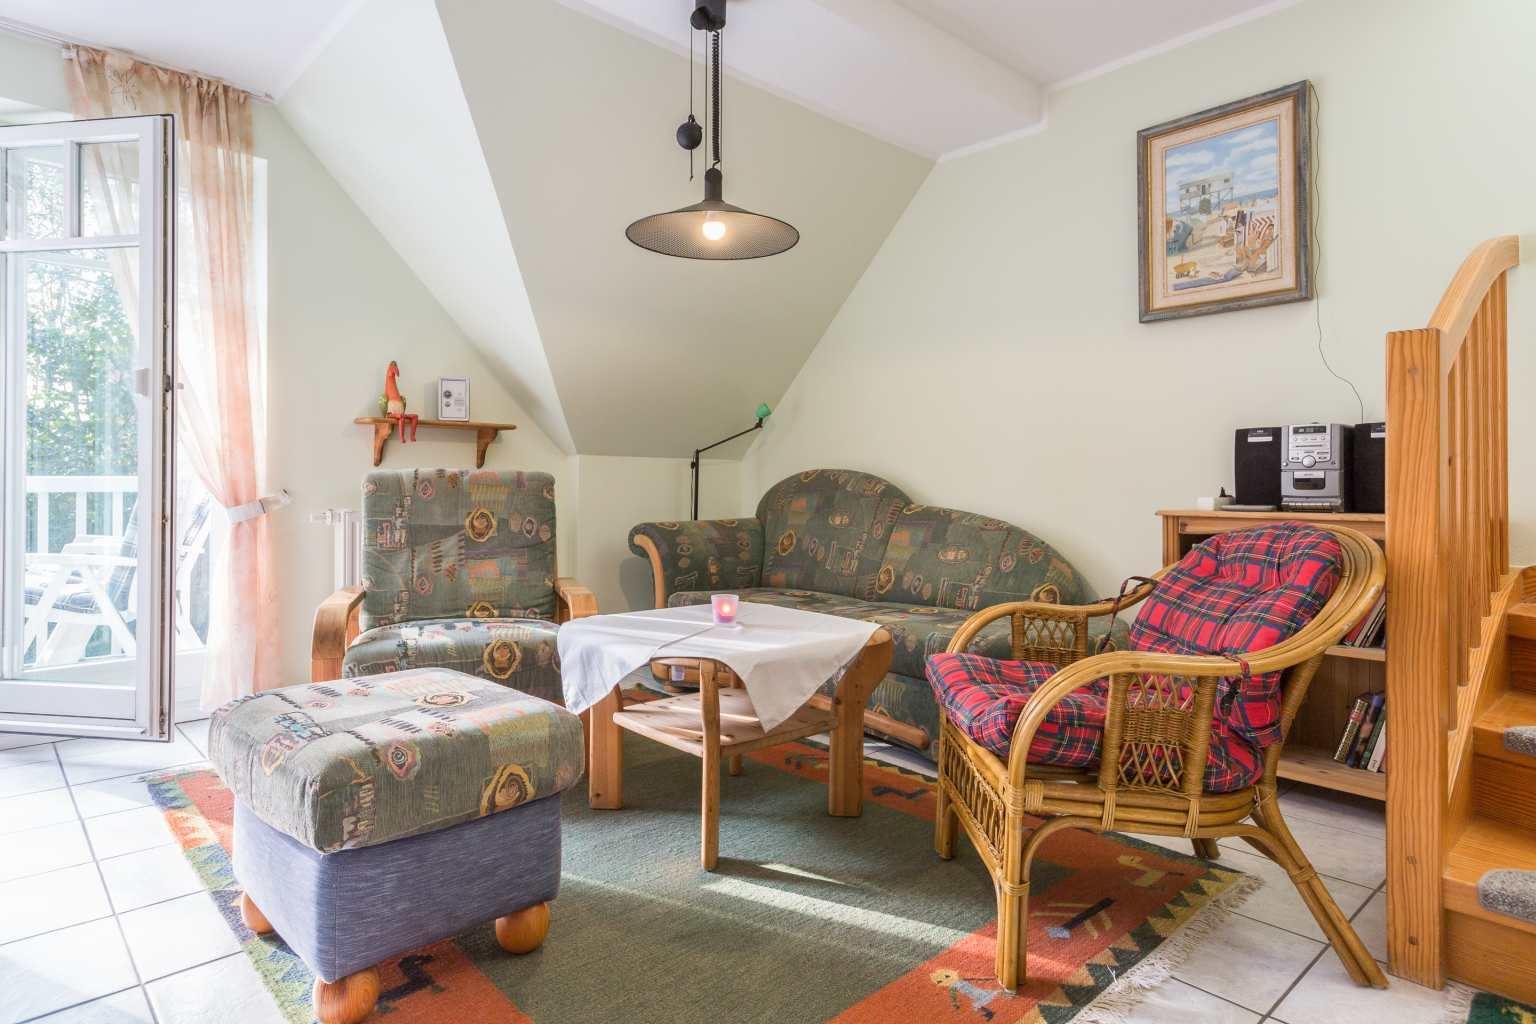 Wohnzimmer - St Peter Ording Bad, Haus Am Kurwald II, Wohnung 7